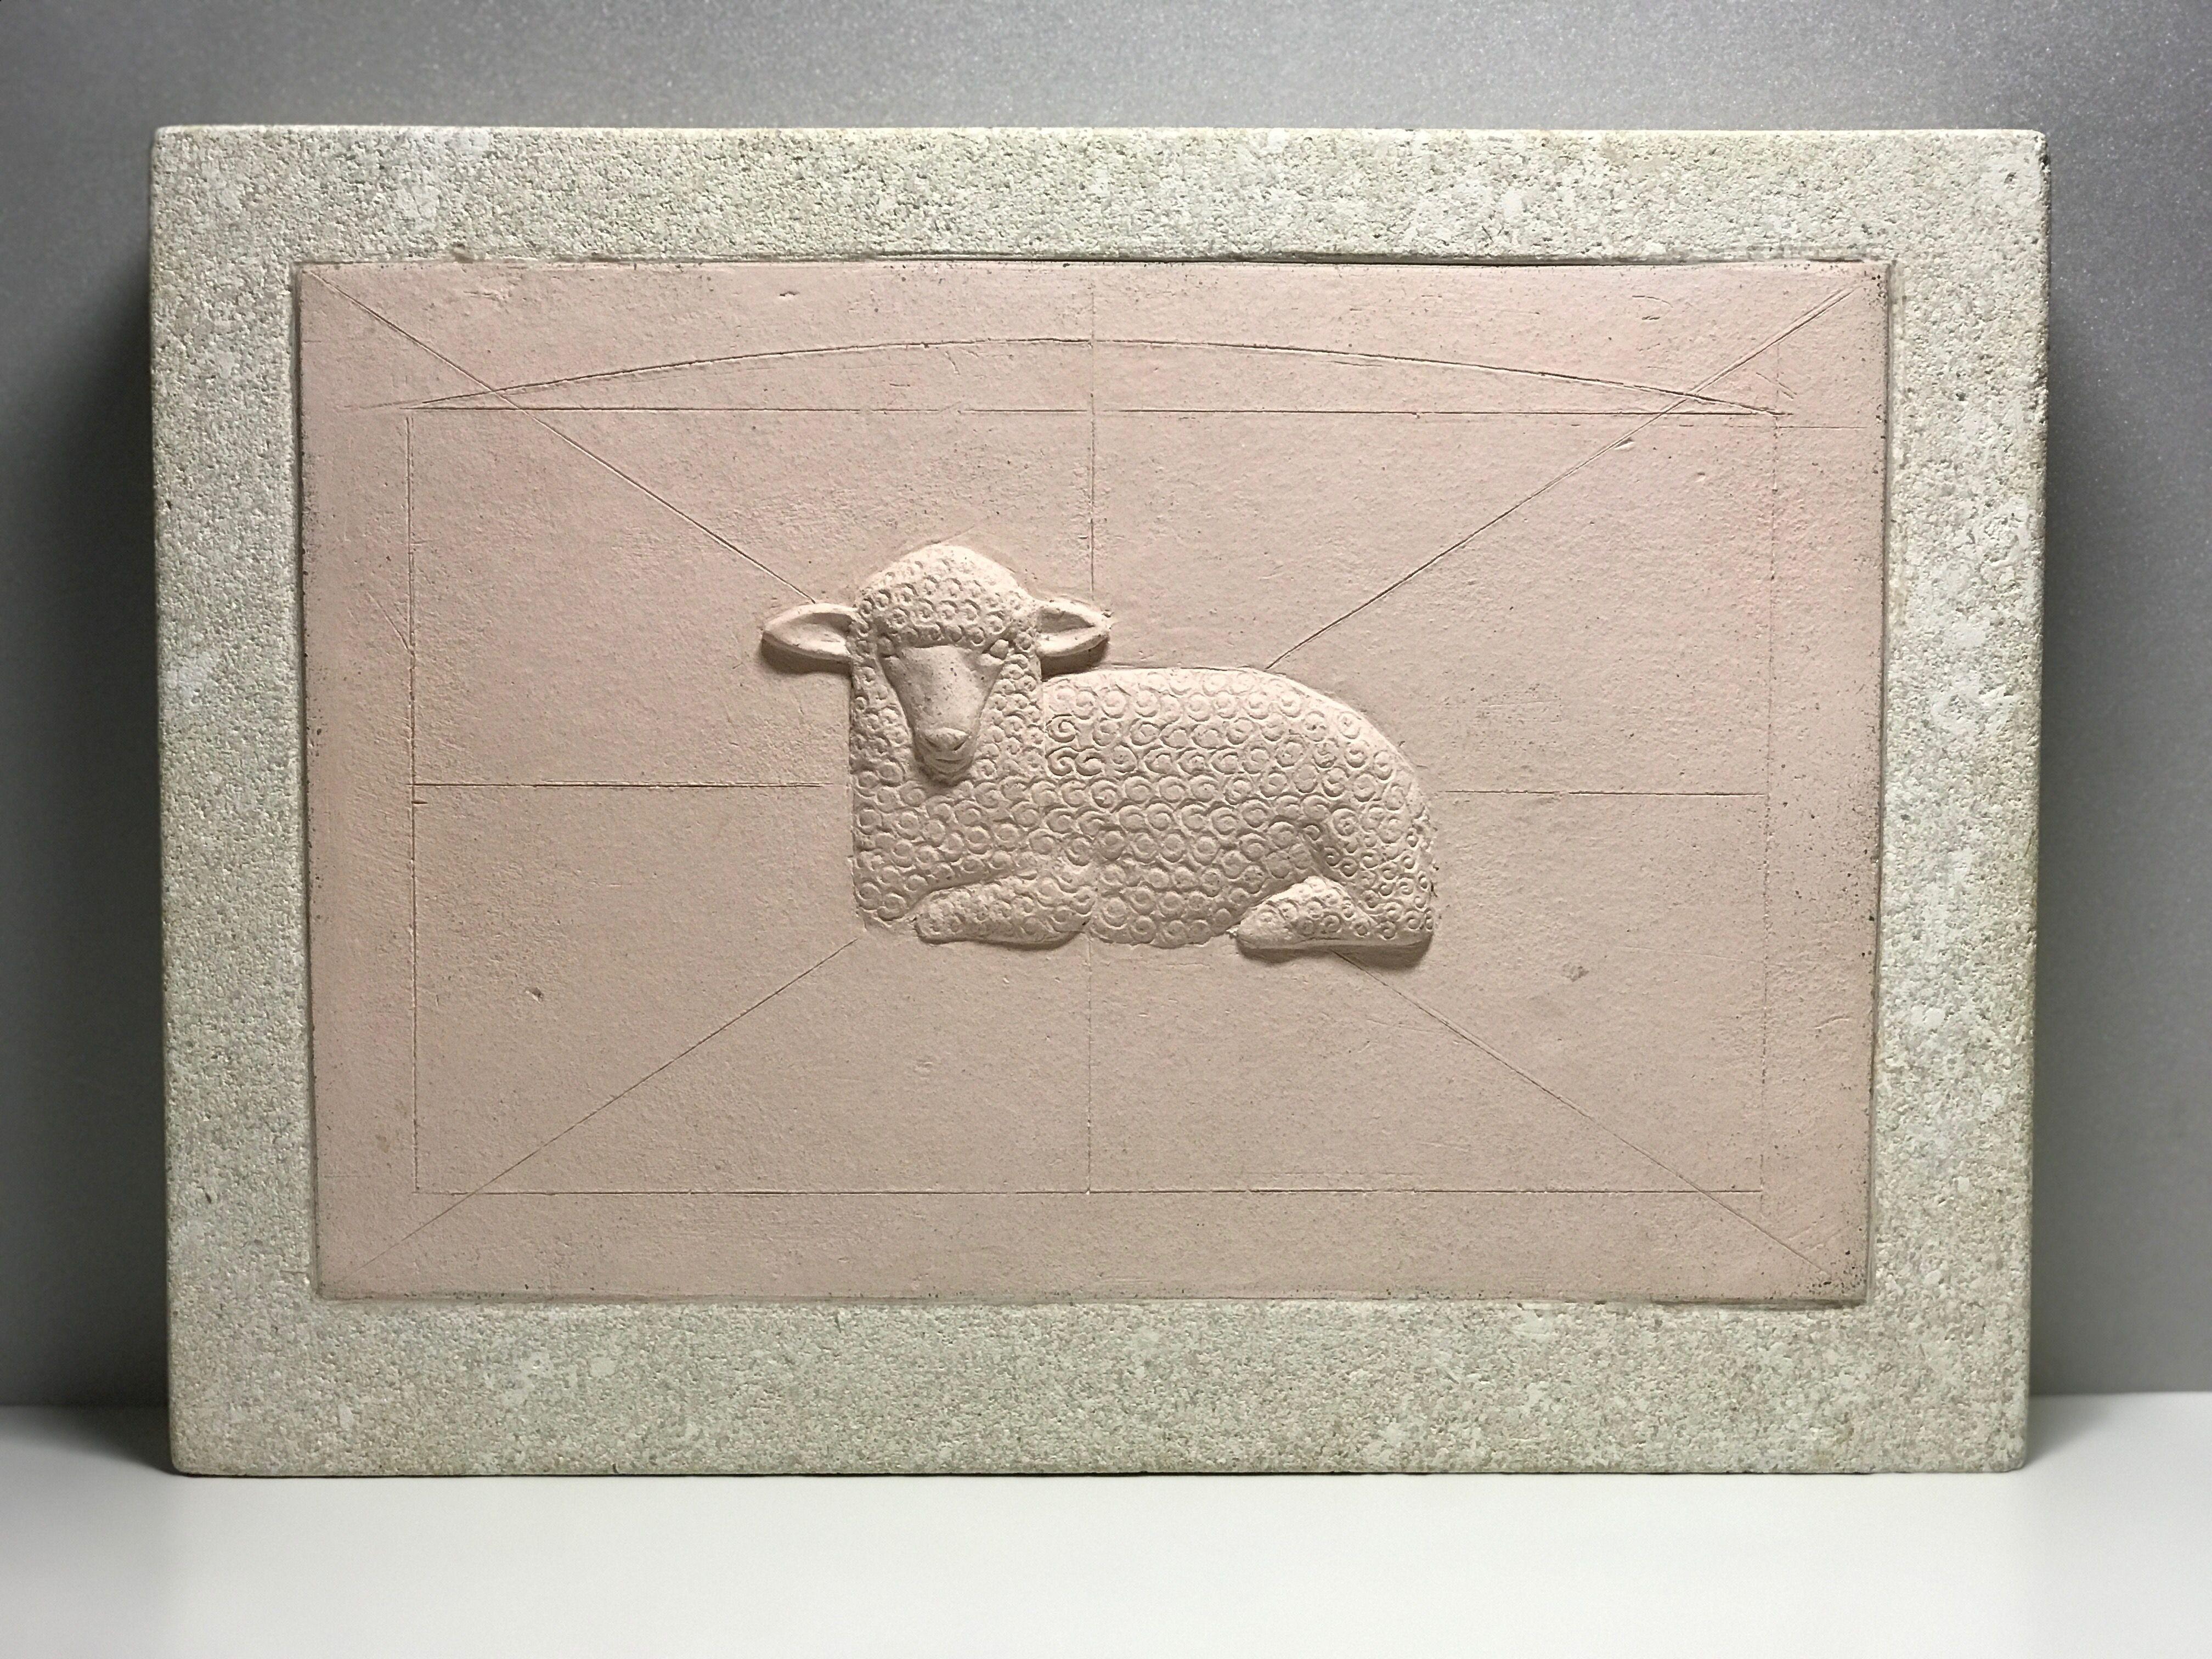 Деис Шиманський. Овечка, 2014; кераміка (шамот), вапняк